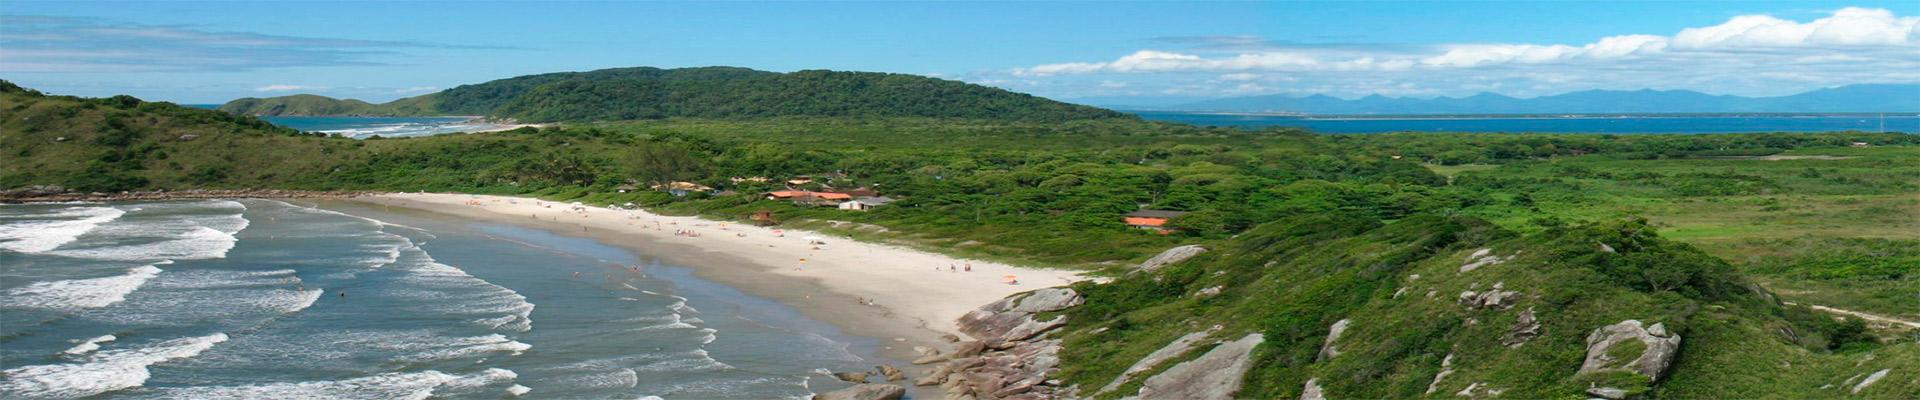 Curitiba com Ilha do Mel